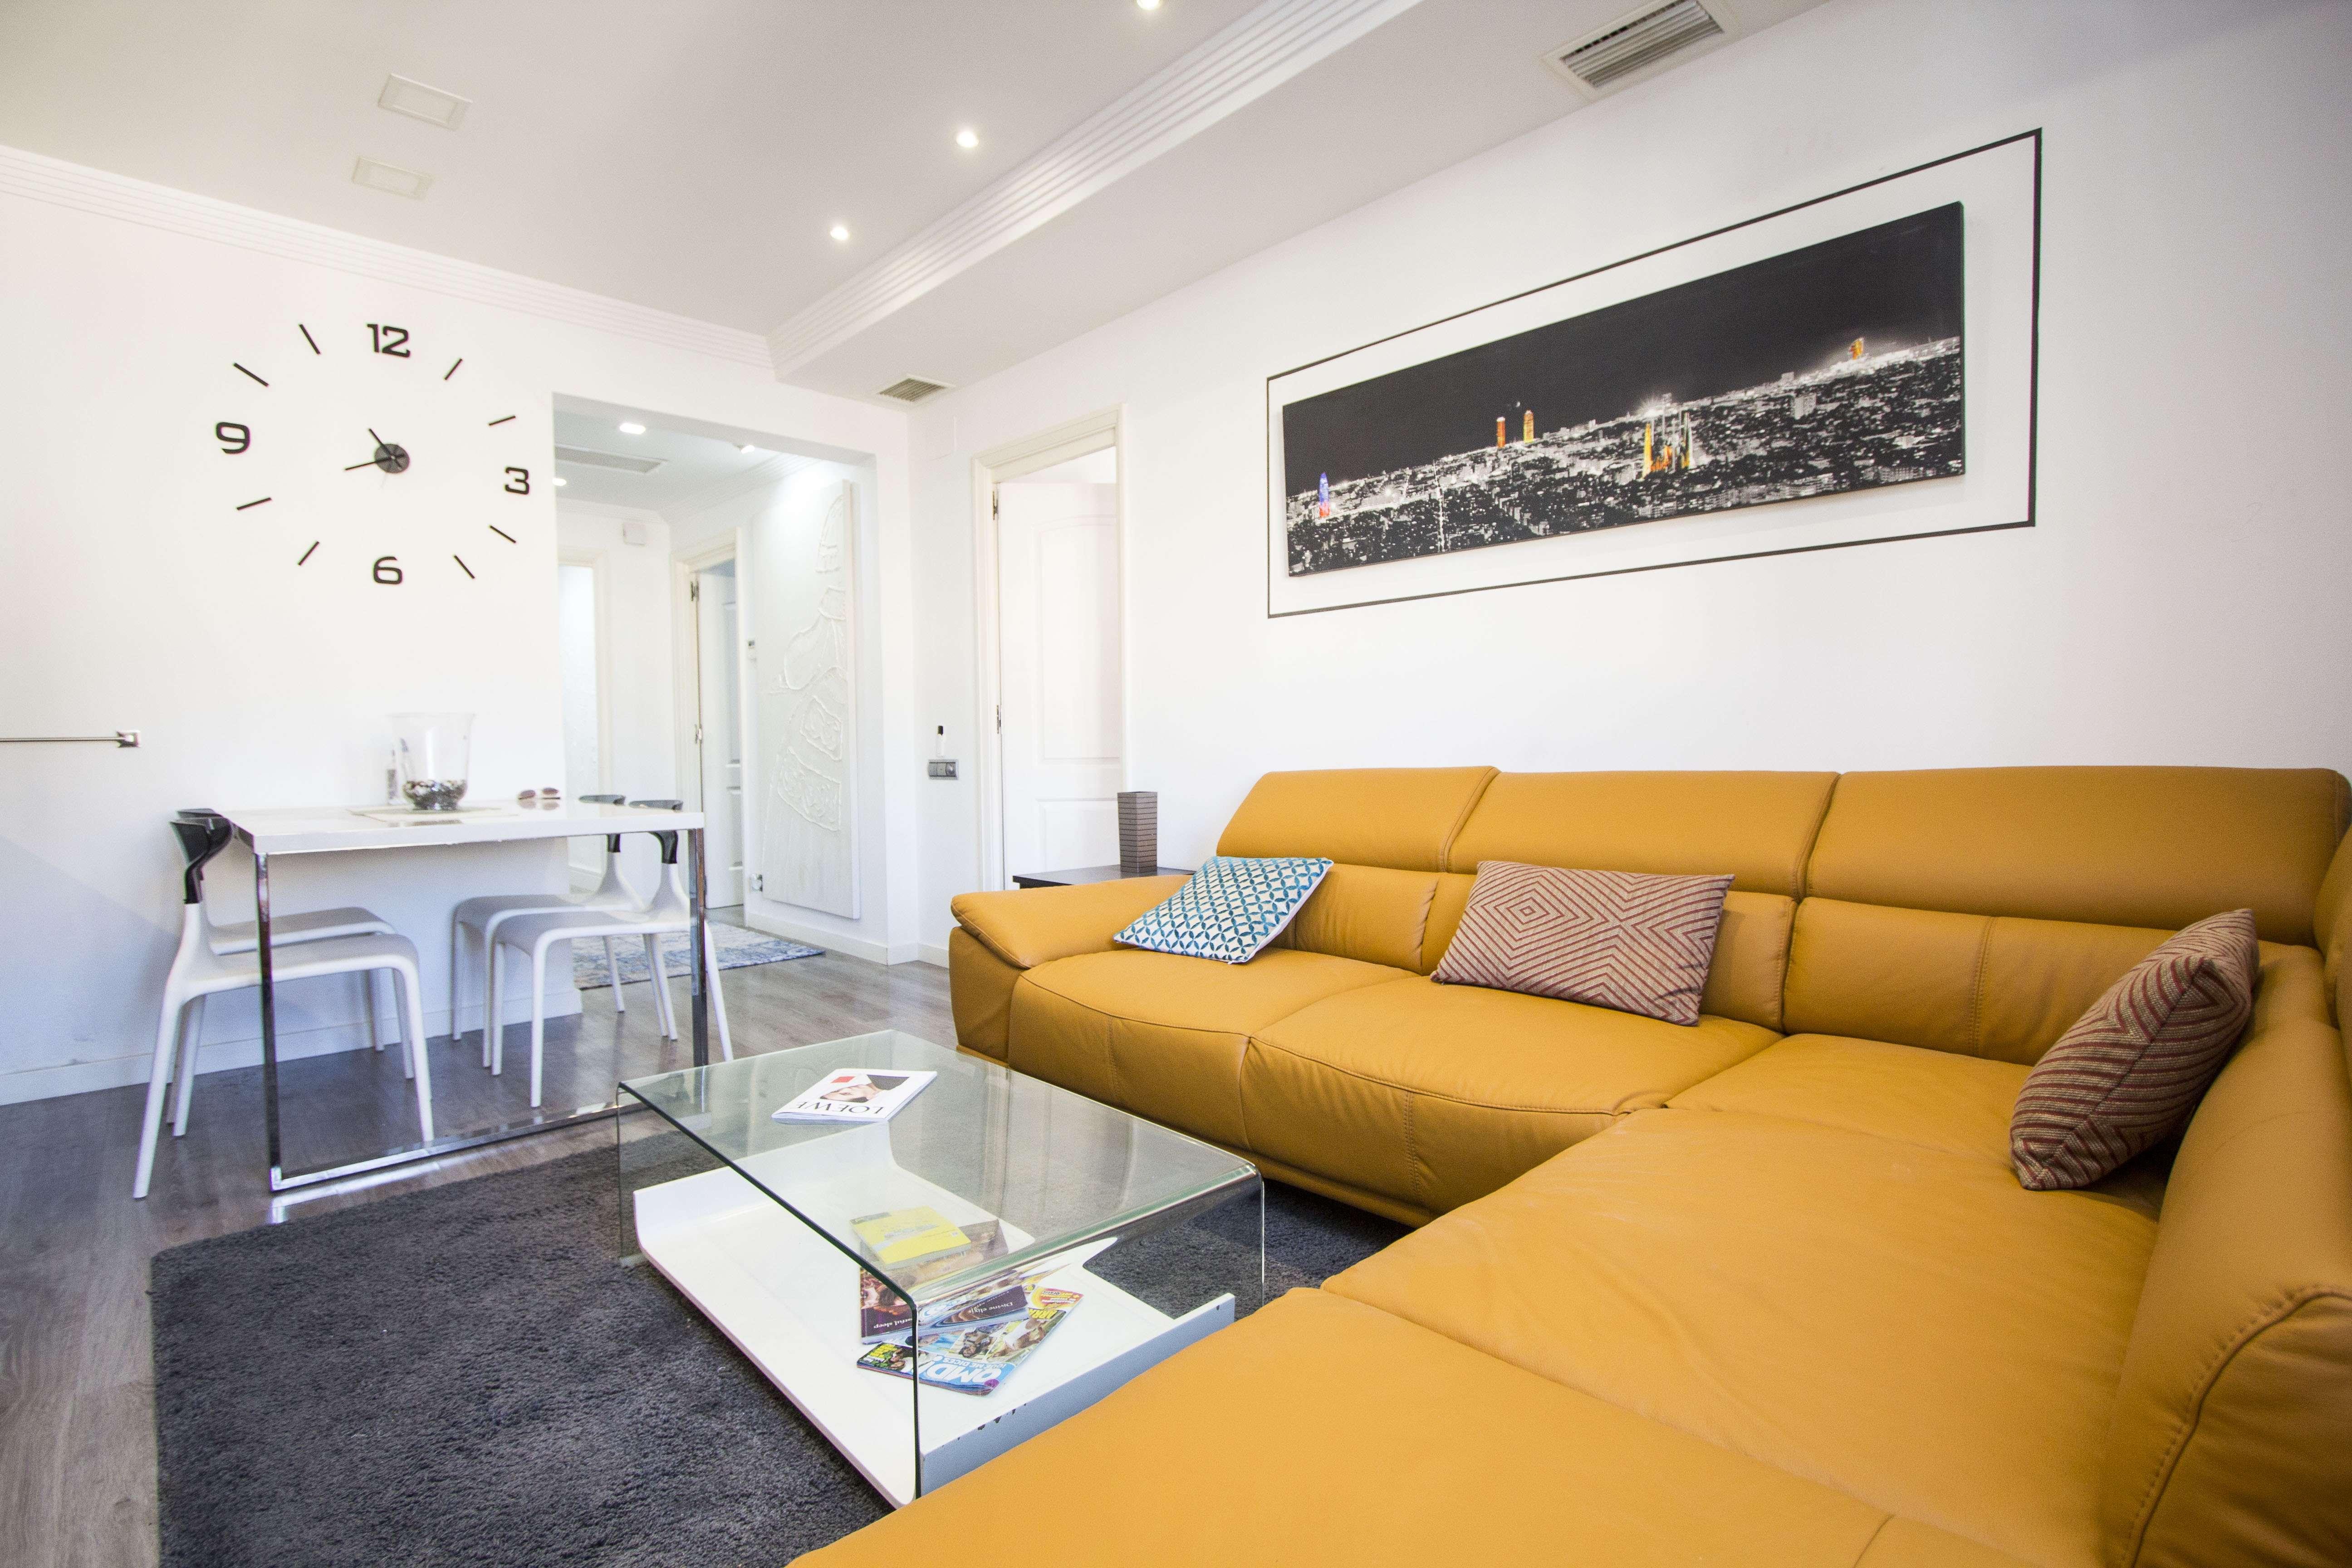 Квартира в минуте от Пассеч-де-Грасиа